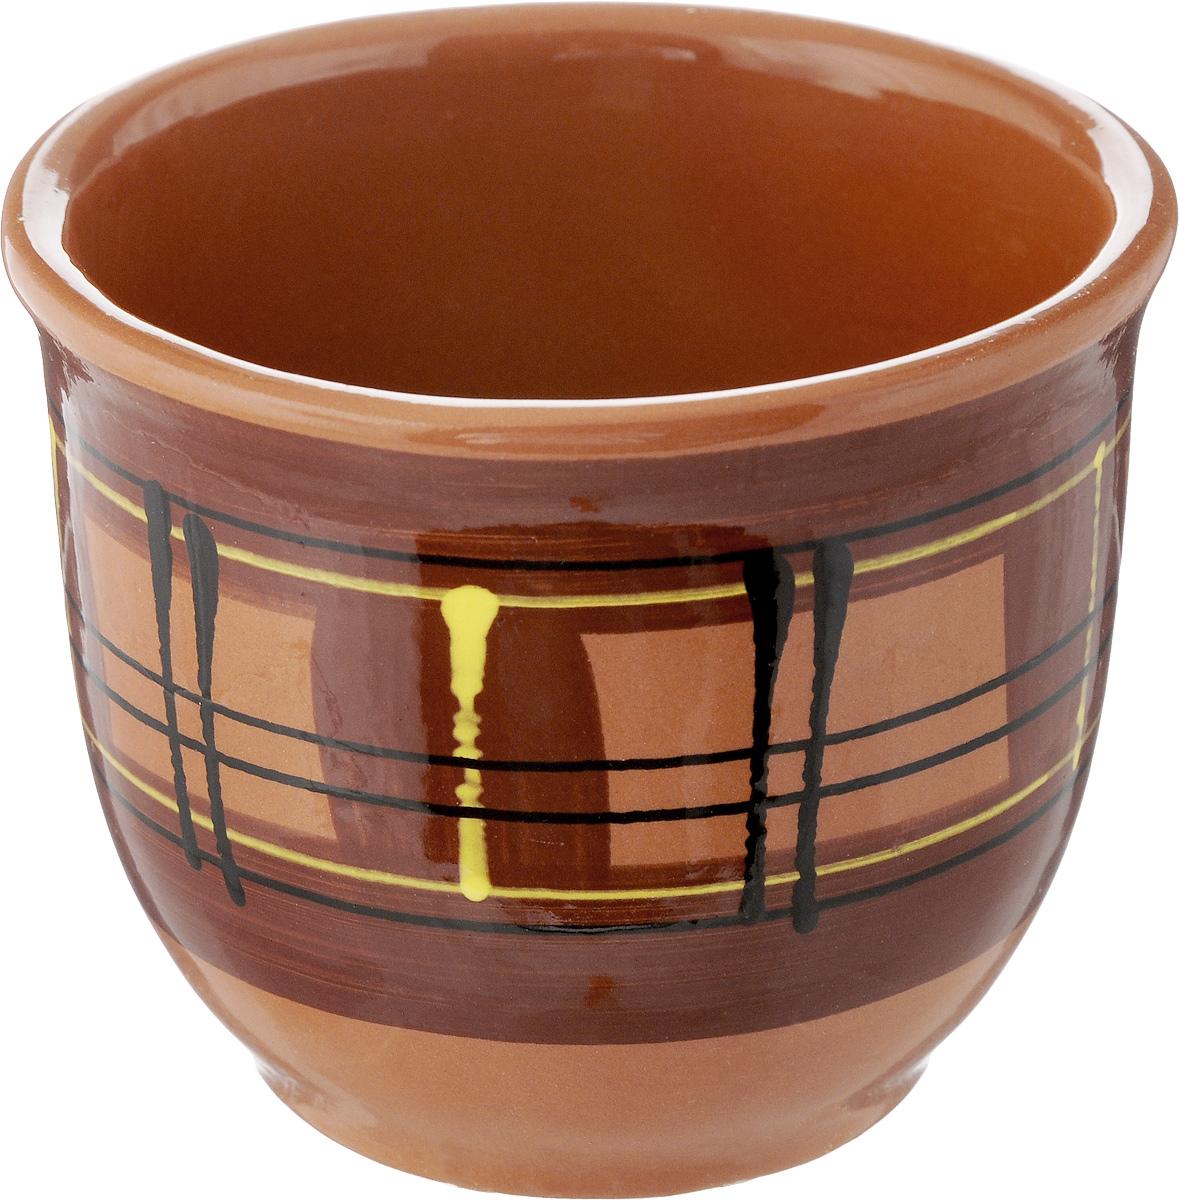 Стакан Борисовская керамика Cтандарт. Полоски, цвет: коричневый, 300 млОБЧ00000577_коричневый/полоскиСтакан Борисовская керамика Cтандарт выполнен из высококачественной глазурованной керамики. Керамика не только сохраняет тепло, она сохраняет и прохладу. Напиток в таком стакане дольше будет холодным. Или горячим, это уже как вы захотите. Яркий дизайн придется по вкусу и ценителям классики, и тем, кто предпочитает утонченность и изысканность. Посуда термостойкая. Можно использовать в духовке и микроволновой печи. Диаметр (по верхнему краю): 10,5 см. Высота стакана: 8,5 см.